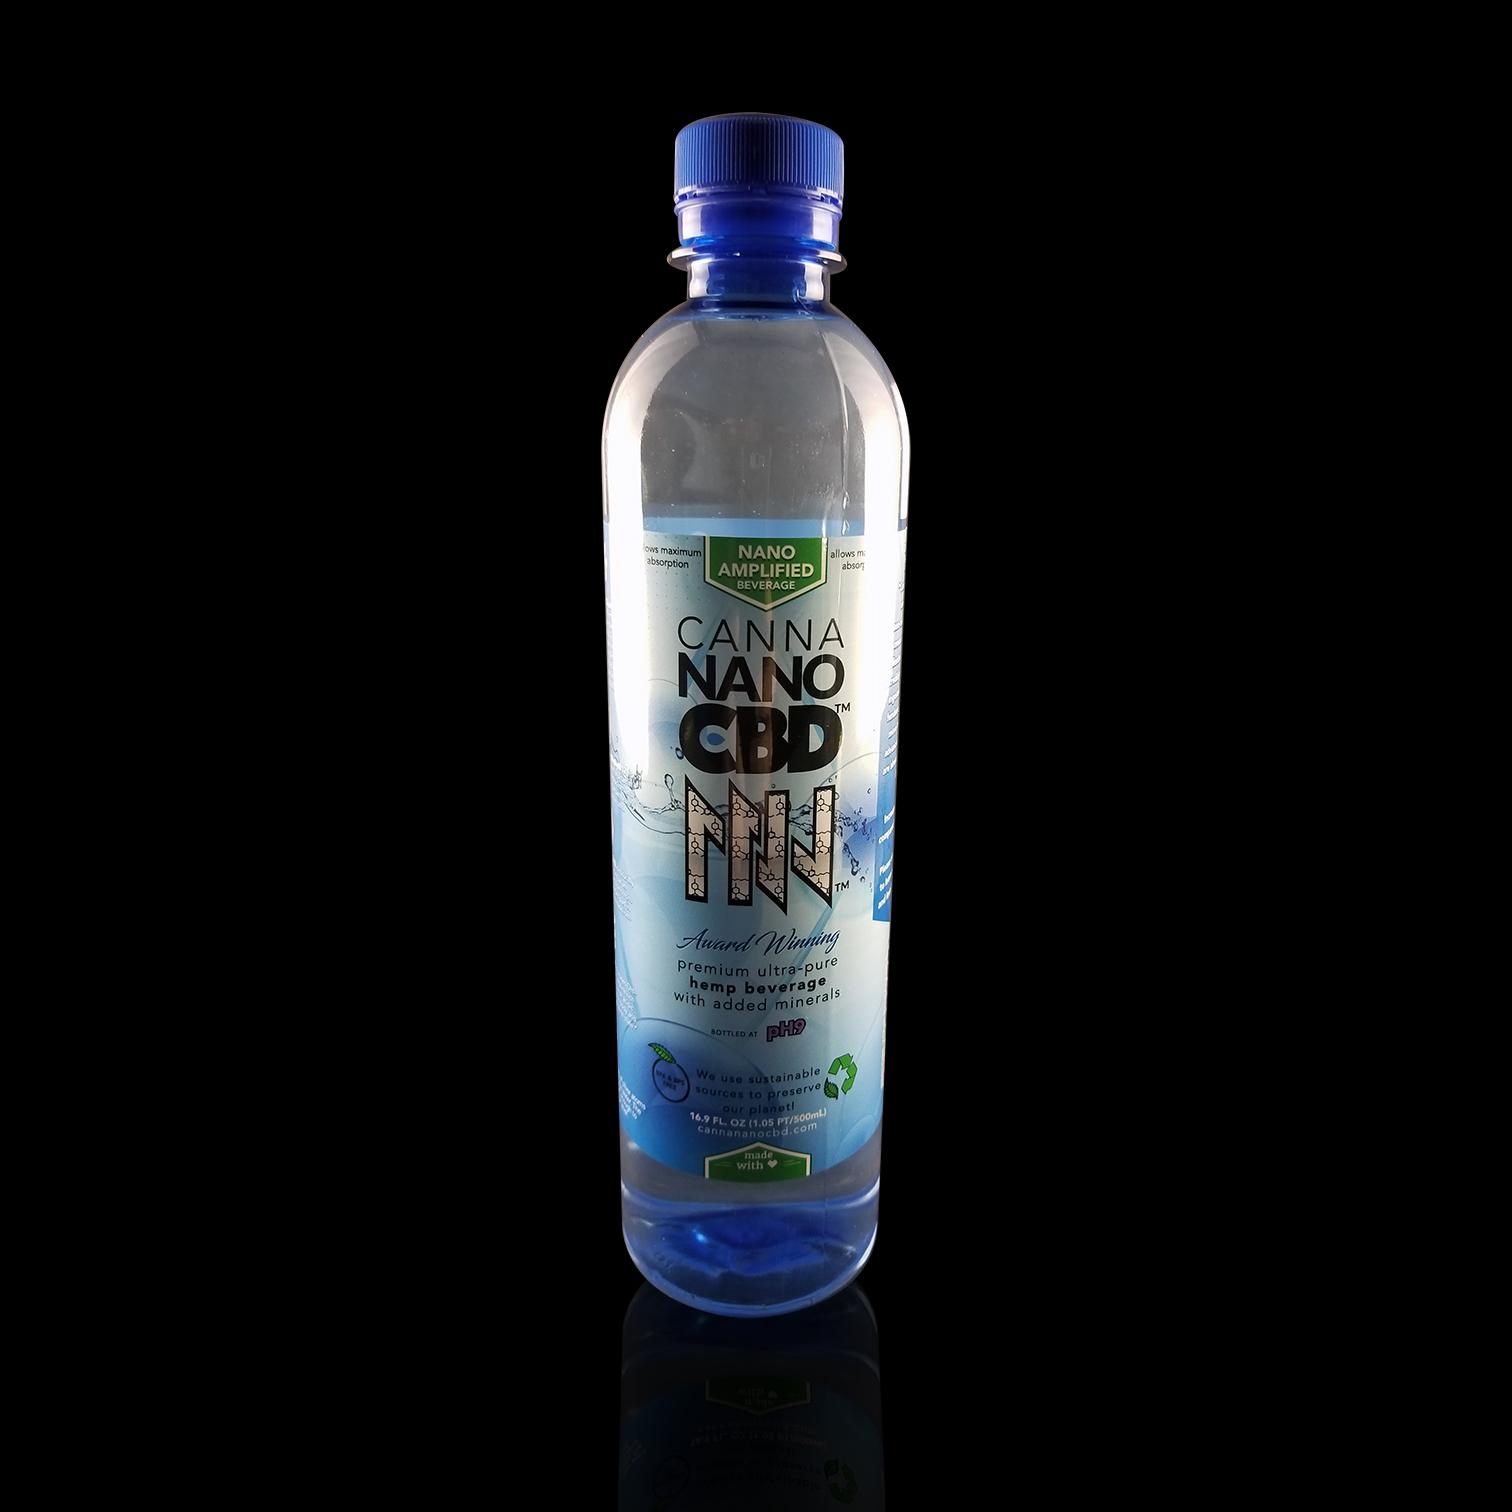 CANNA NANO CBD  – CBD Water